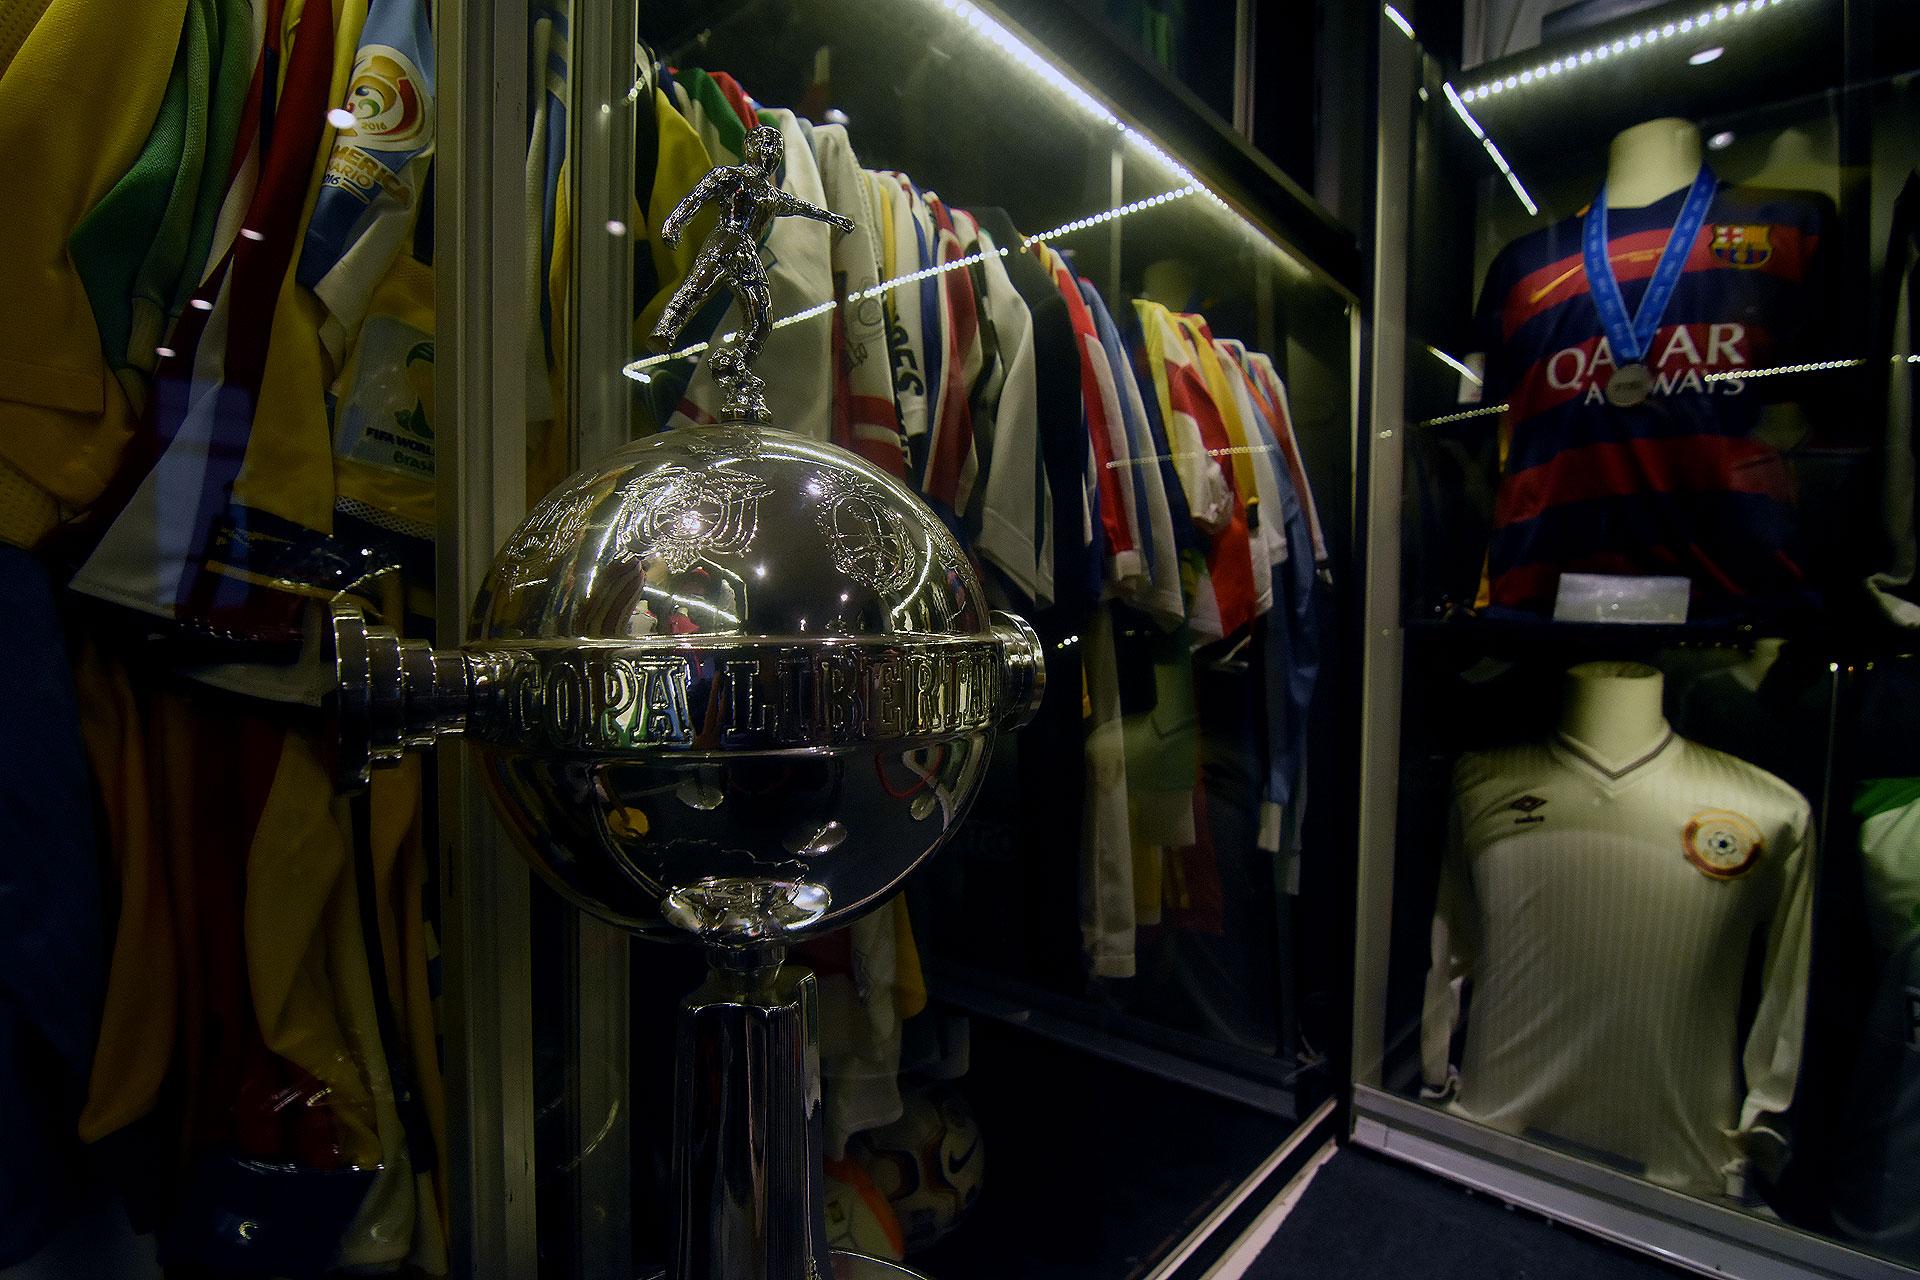 Réplica del trofeo de la Copa Libertadores (Nicolas Stulberg)